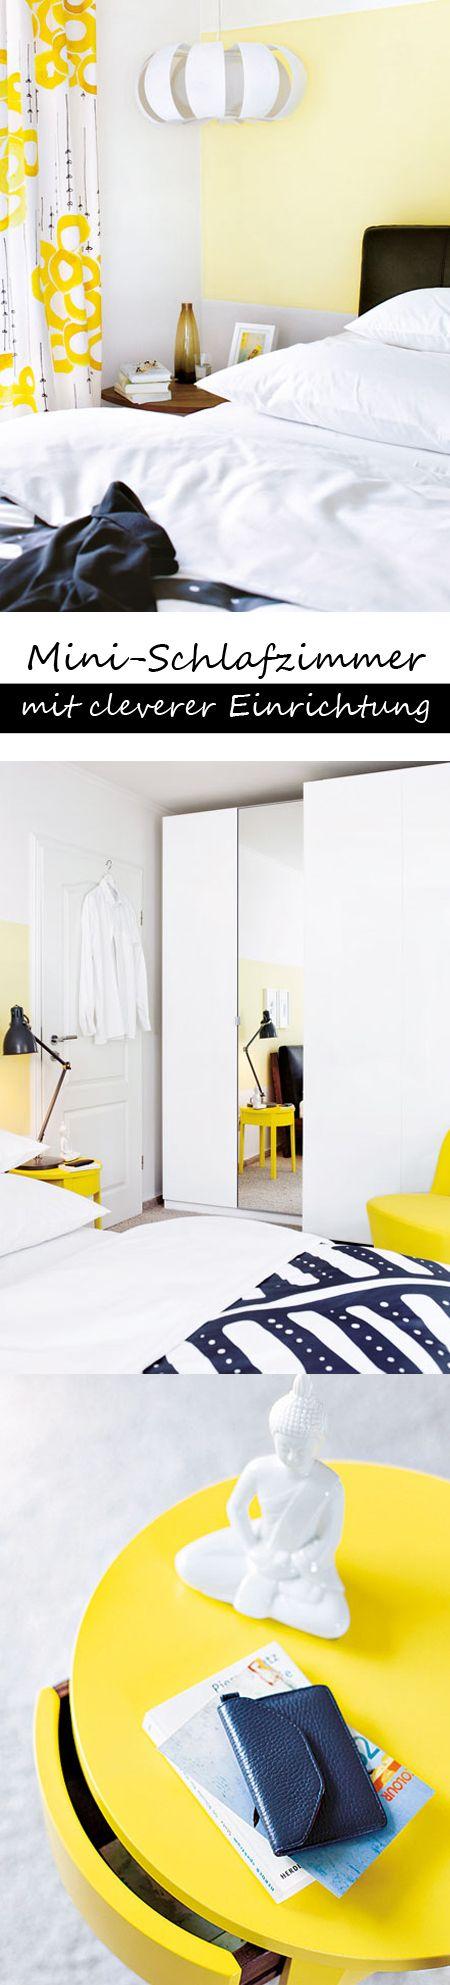 Gekonnt Geben Wir Einem Kleinen Schlafzimmer Ein Neues, Praktisches Gewand.  Lassen Sie Sich Von